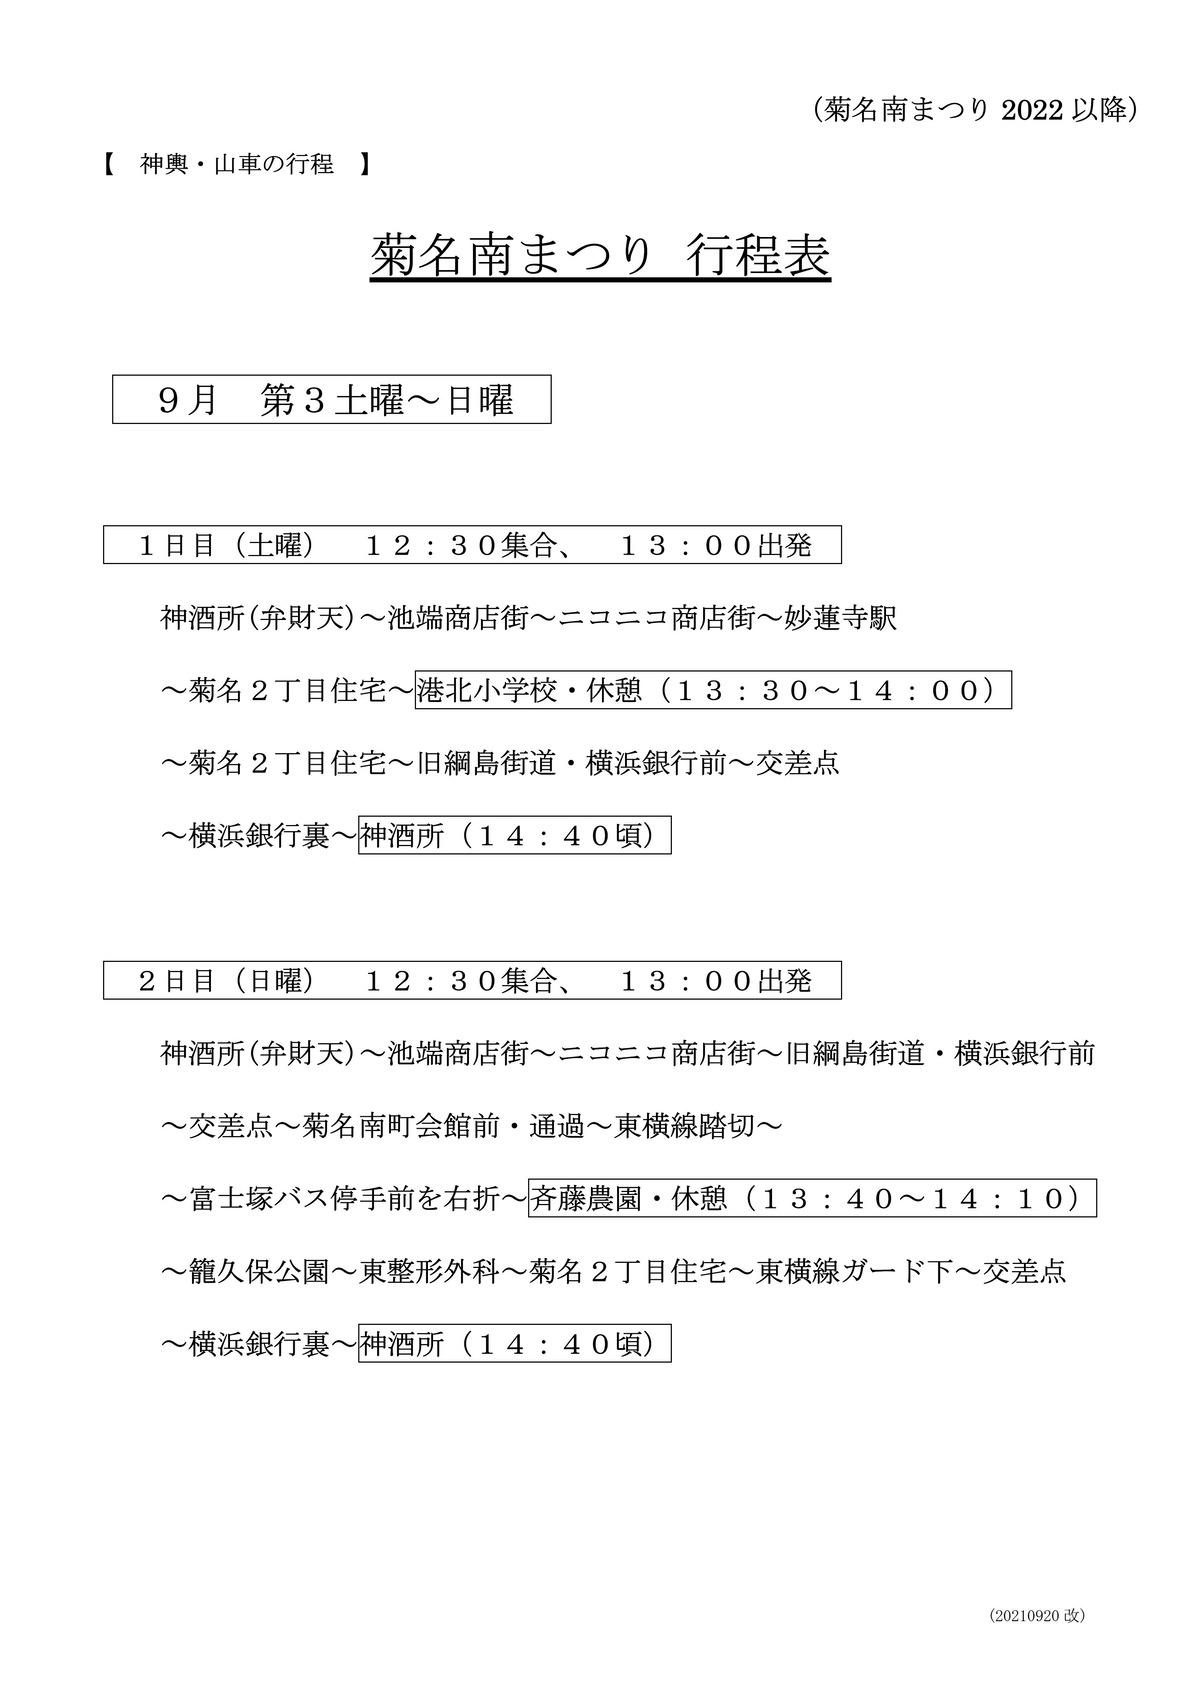 菊名南まつり2021行程表とルート図_20210920改_1